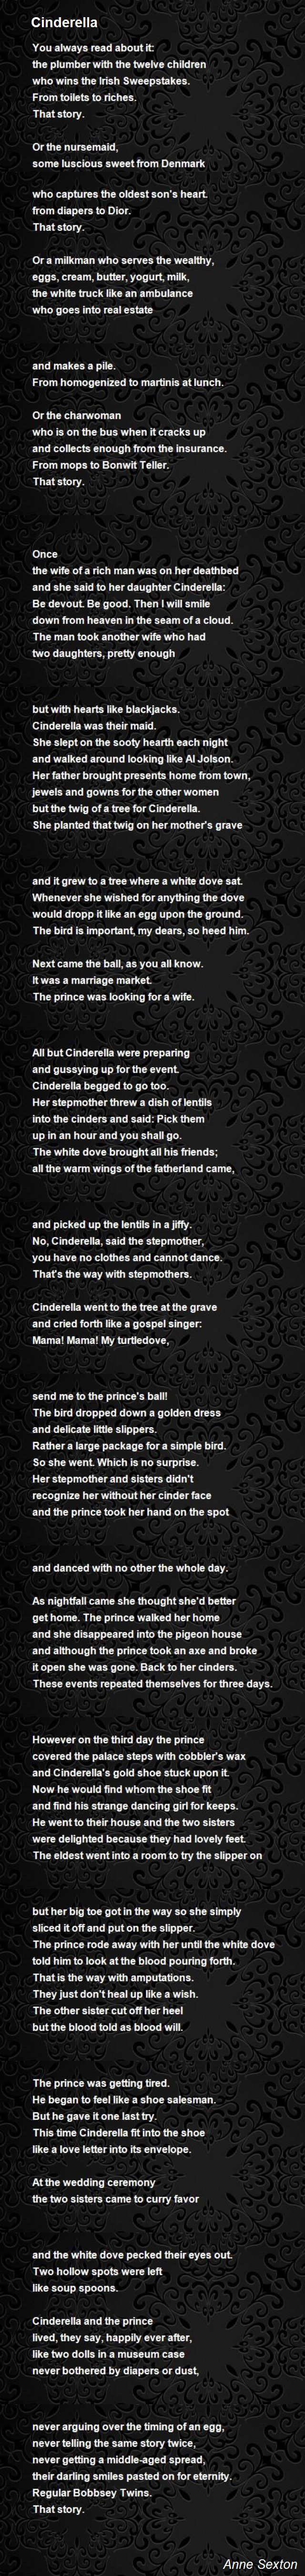 Cinderella by Anne Sexton